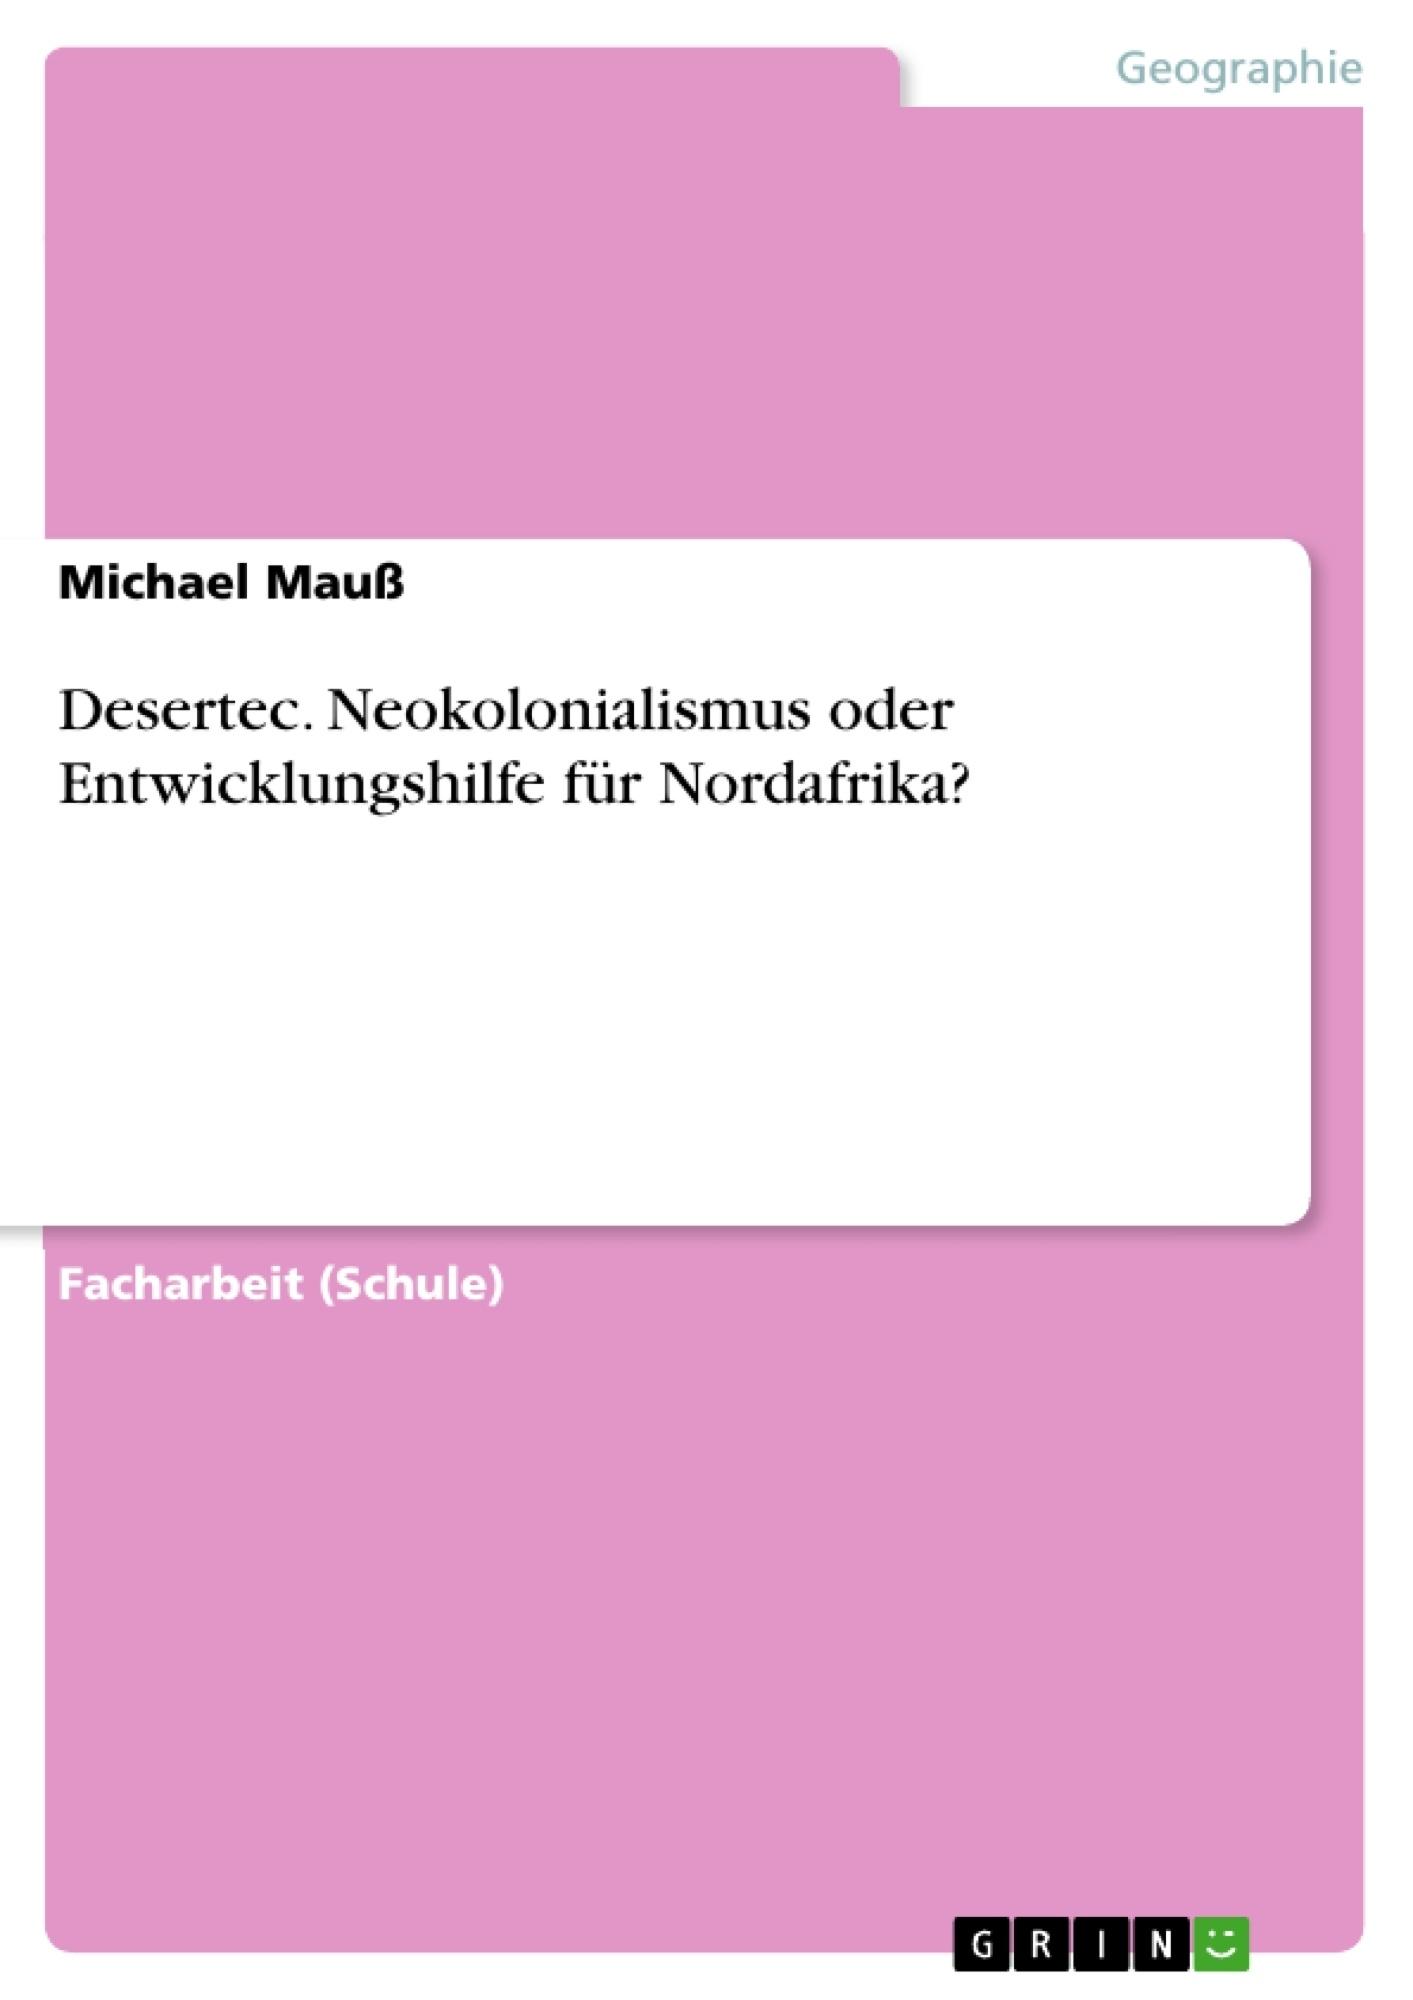 Titel: Desertec. Neokolonialismus oder Entwicklungshilfe für Nordafrika?